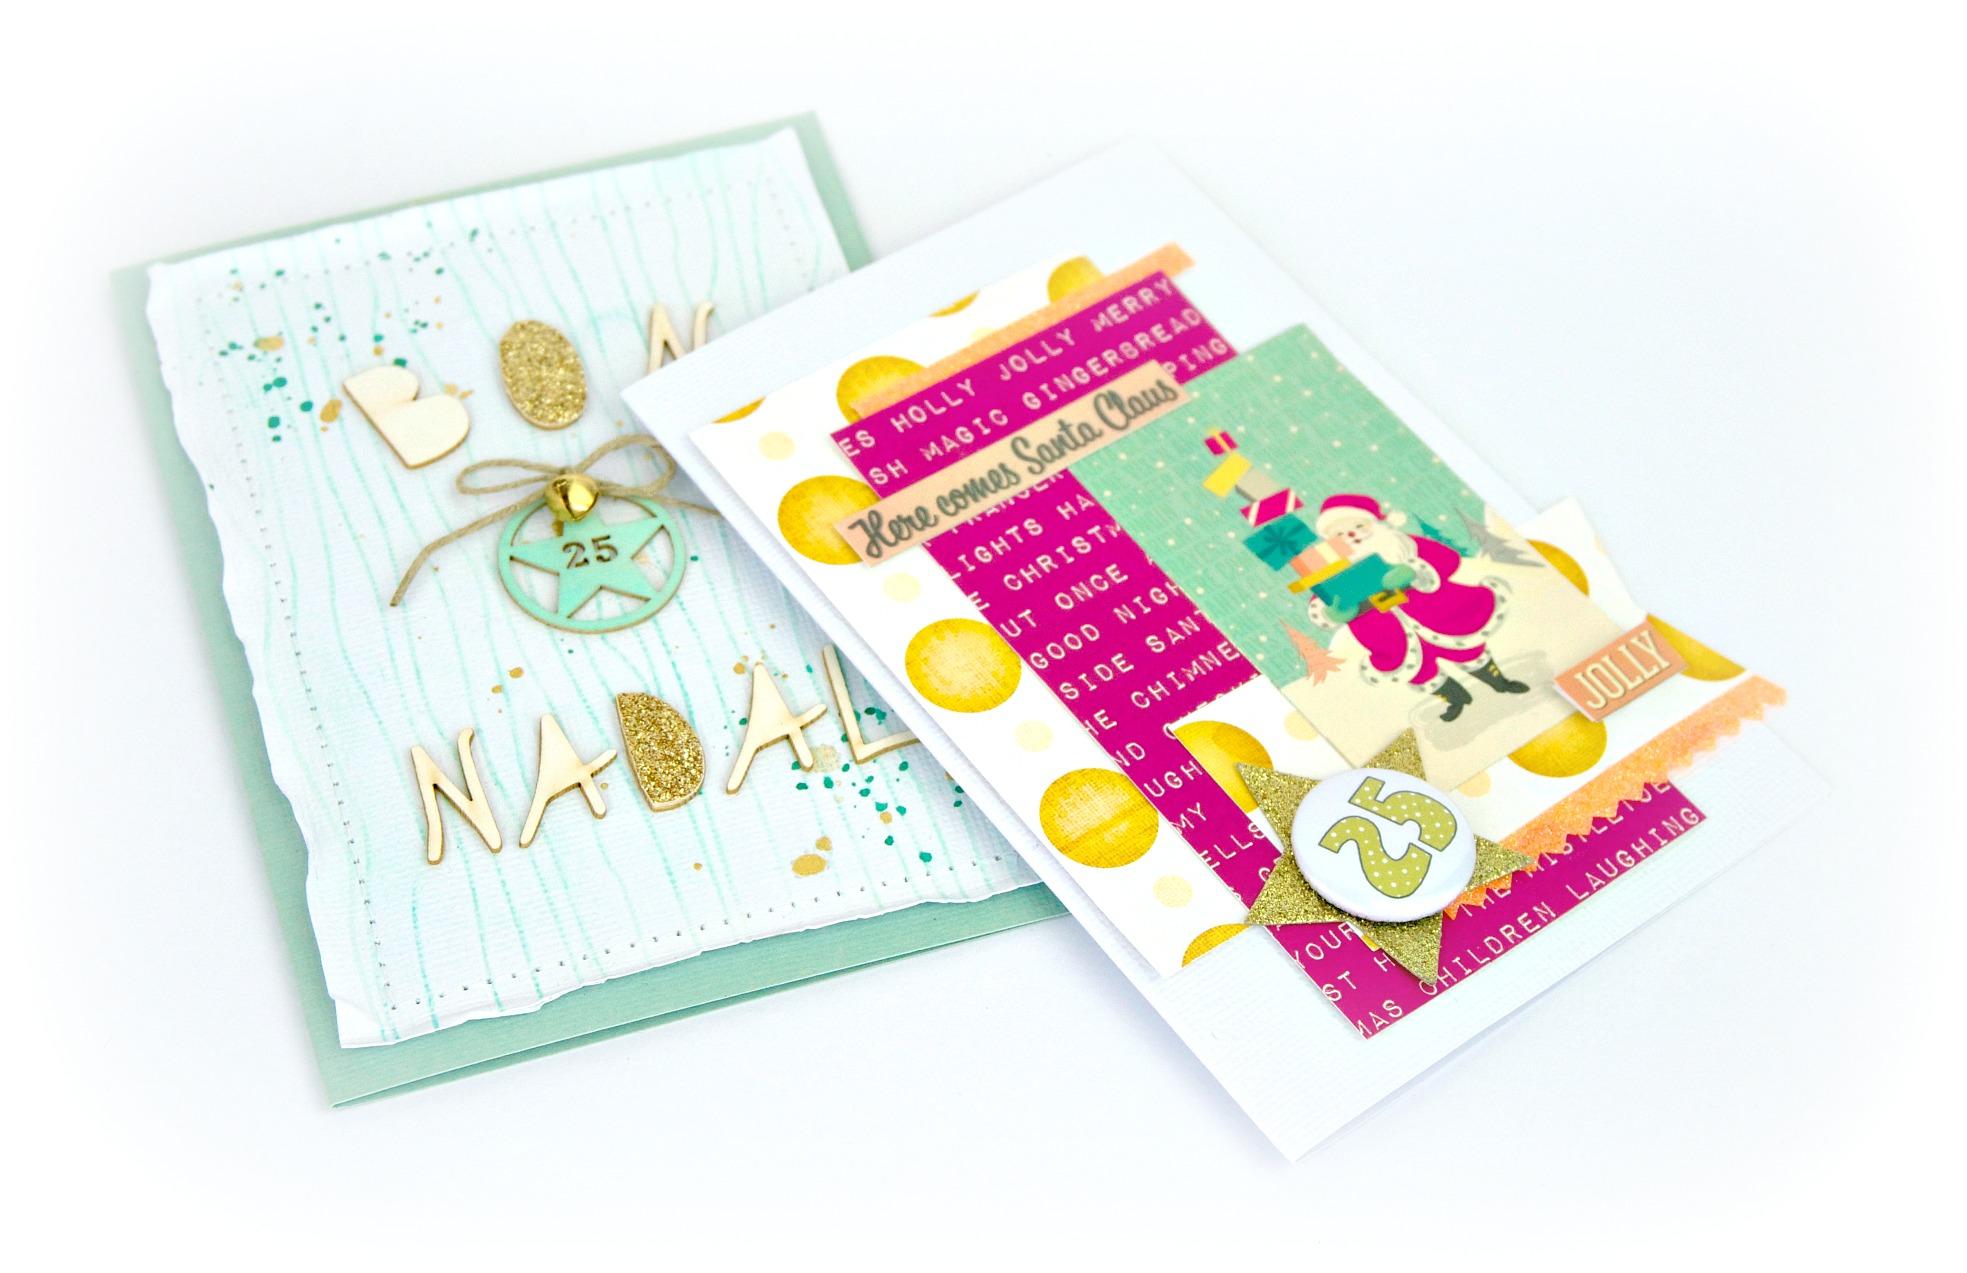 Tarjetería de Navidad, ideas con producto Gigietmoi.